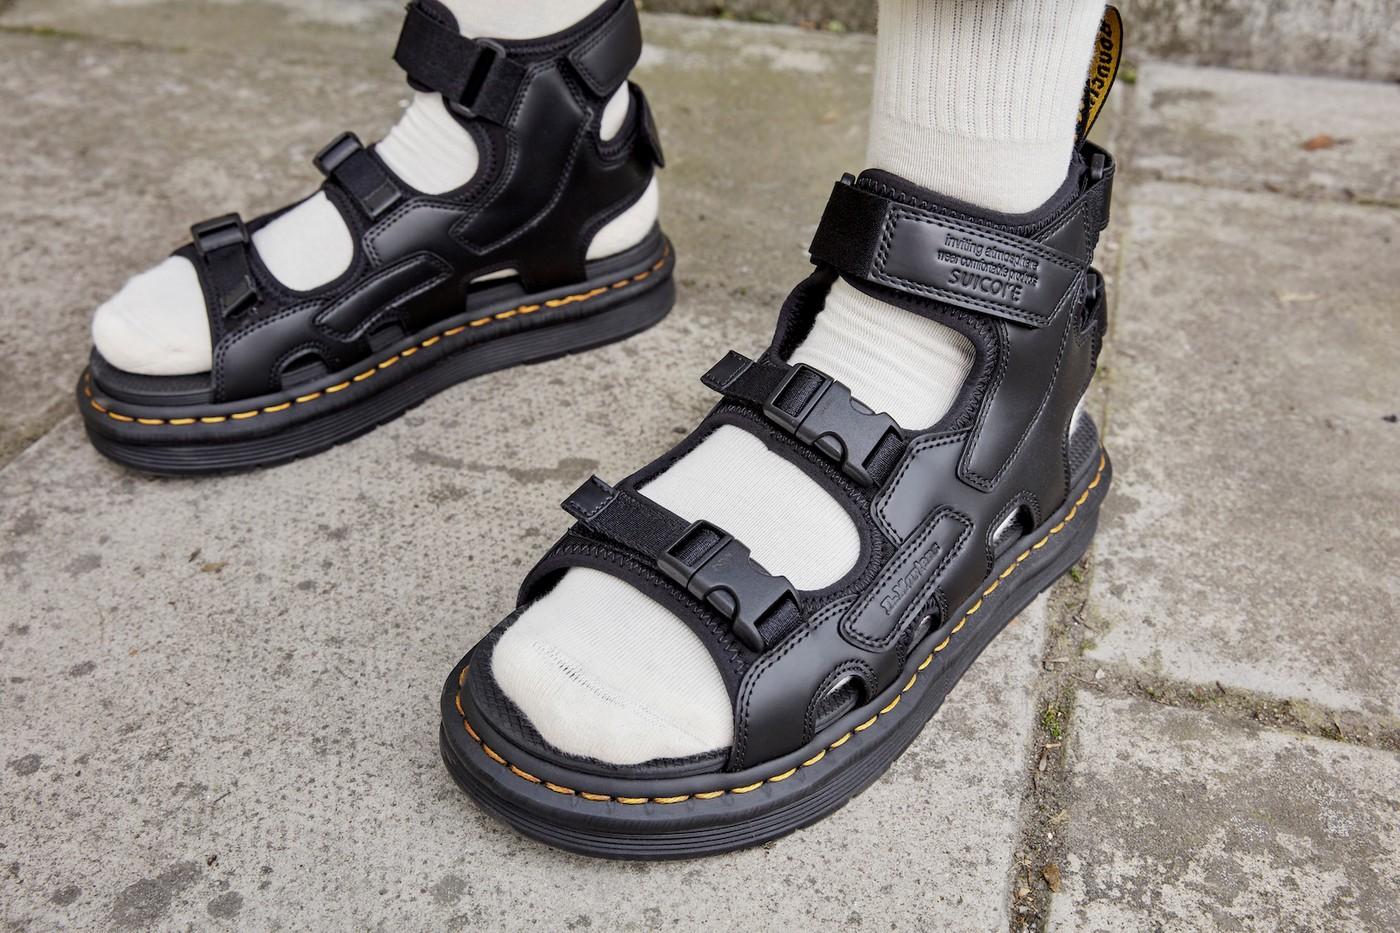 dr-martens-suicoke-sandals-07